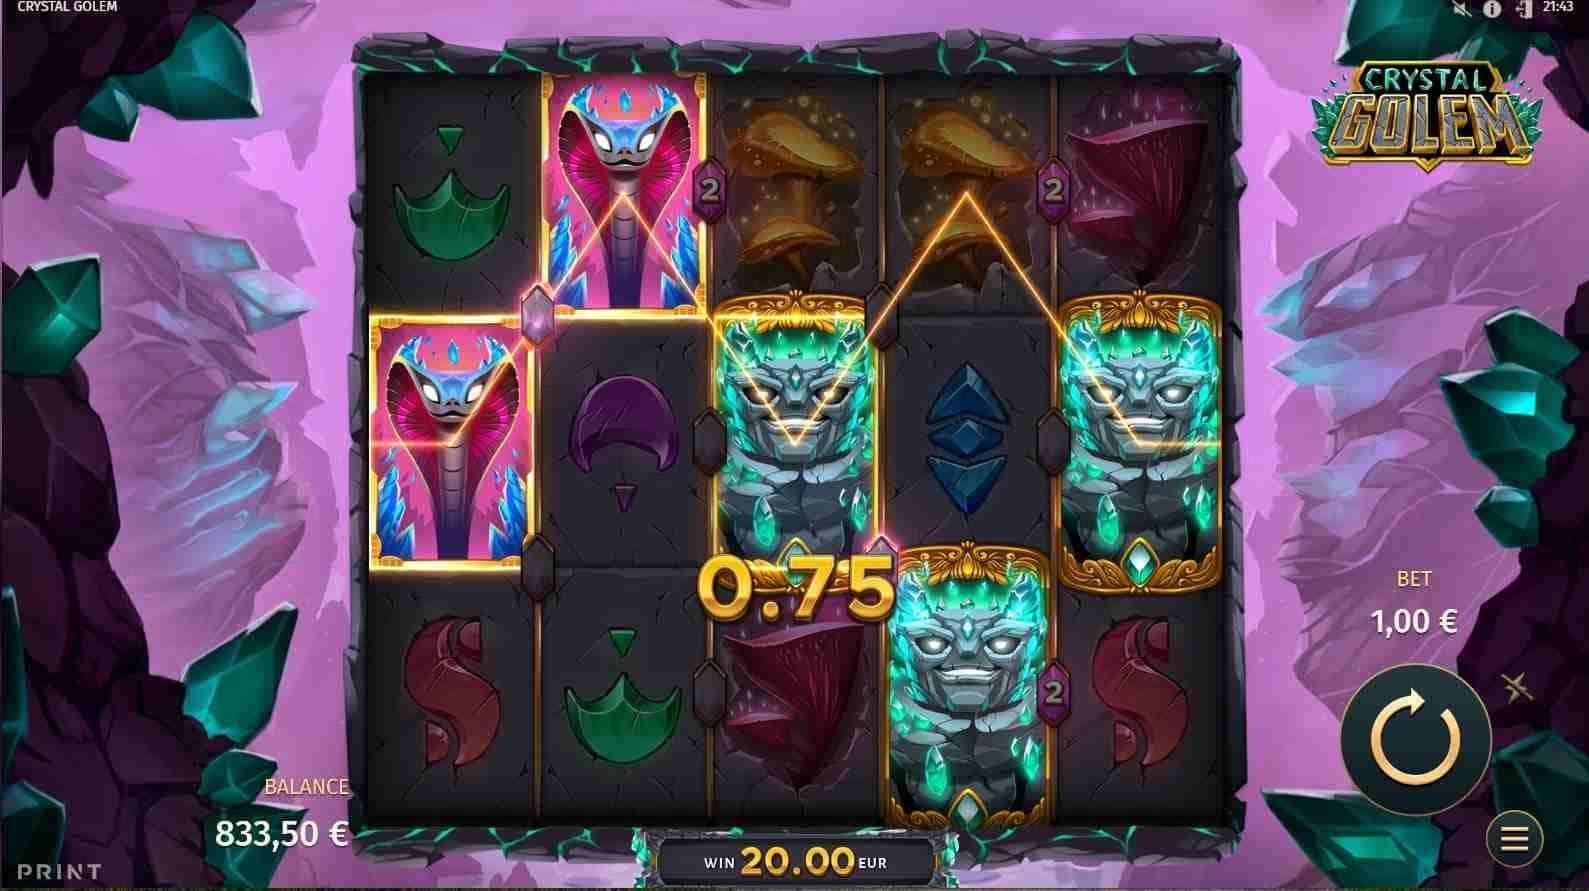 Crystal Golem Base Game